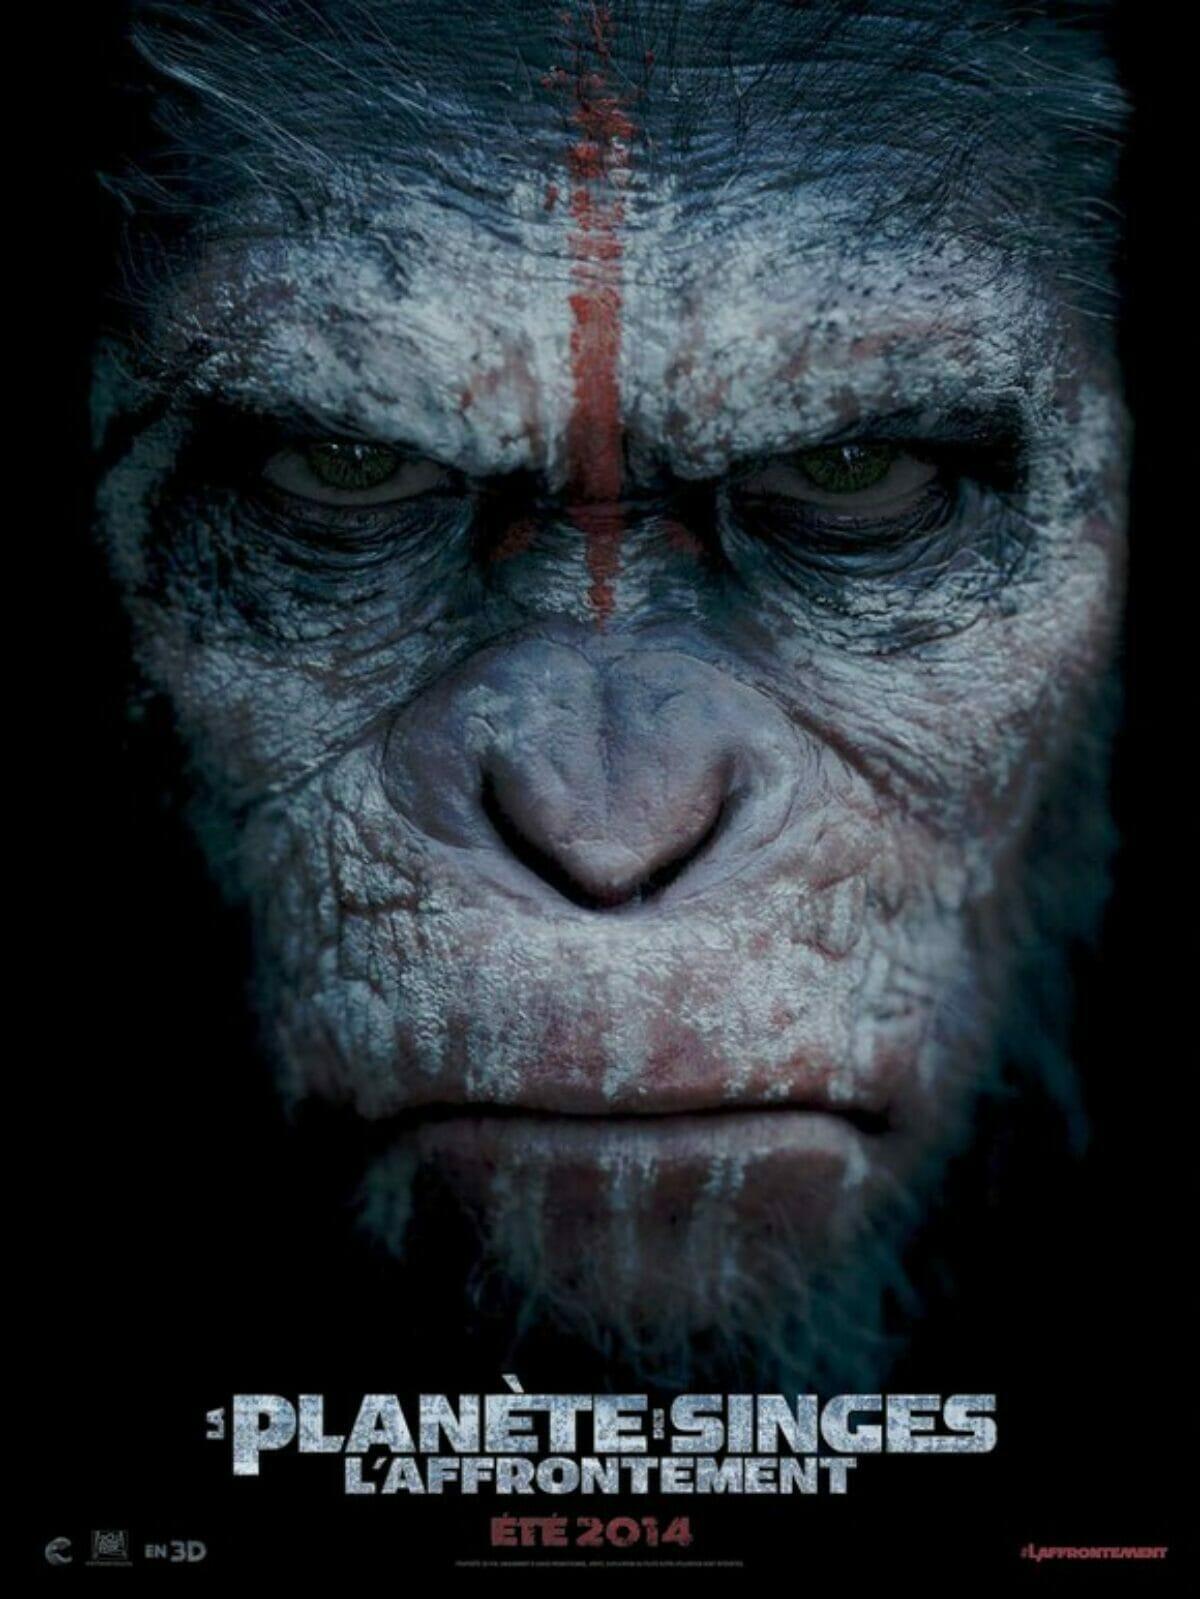 La-Planète-des-singes-laffrontement-affiche-france-trailer